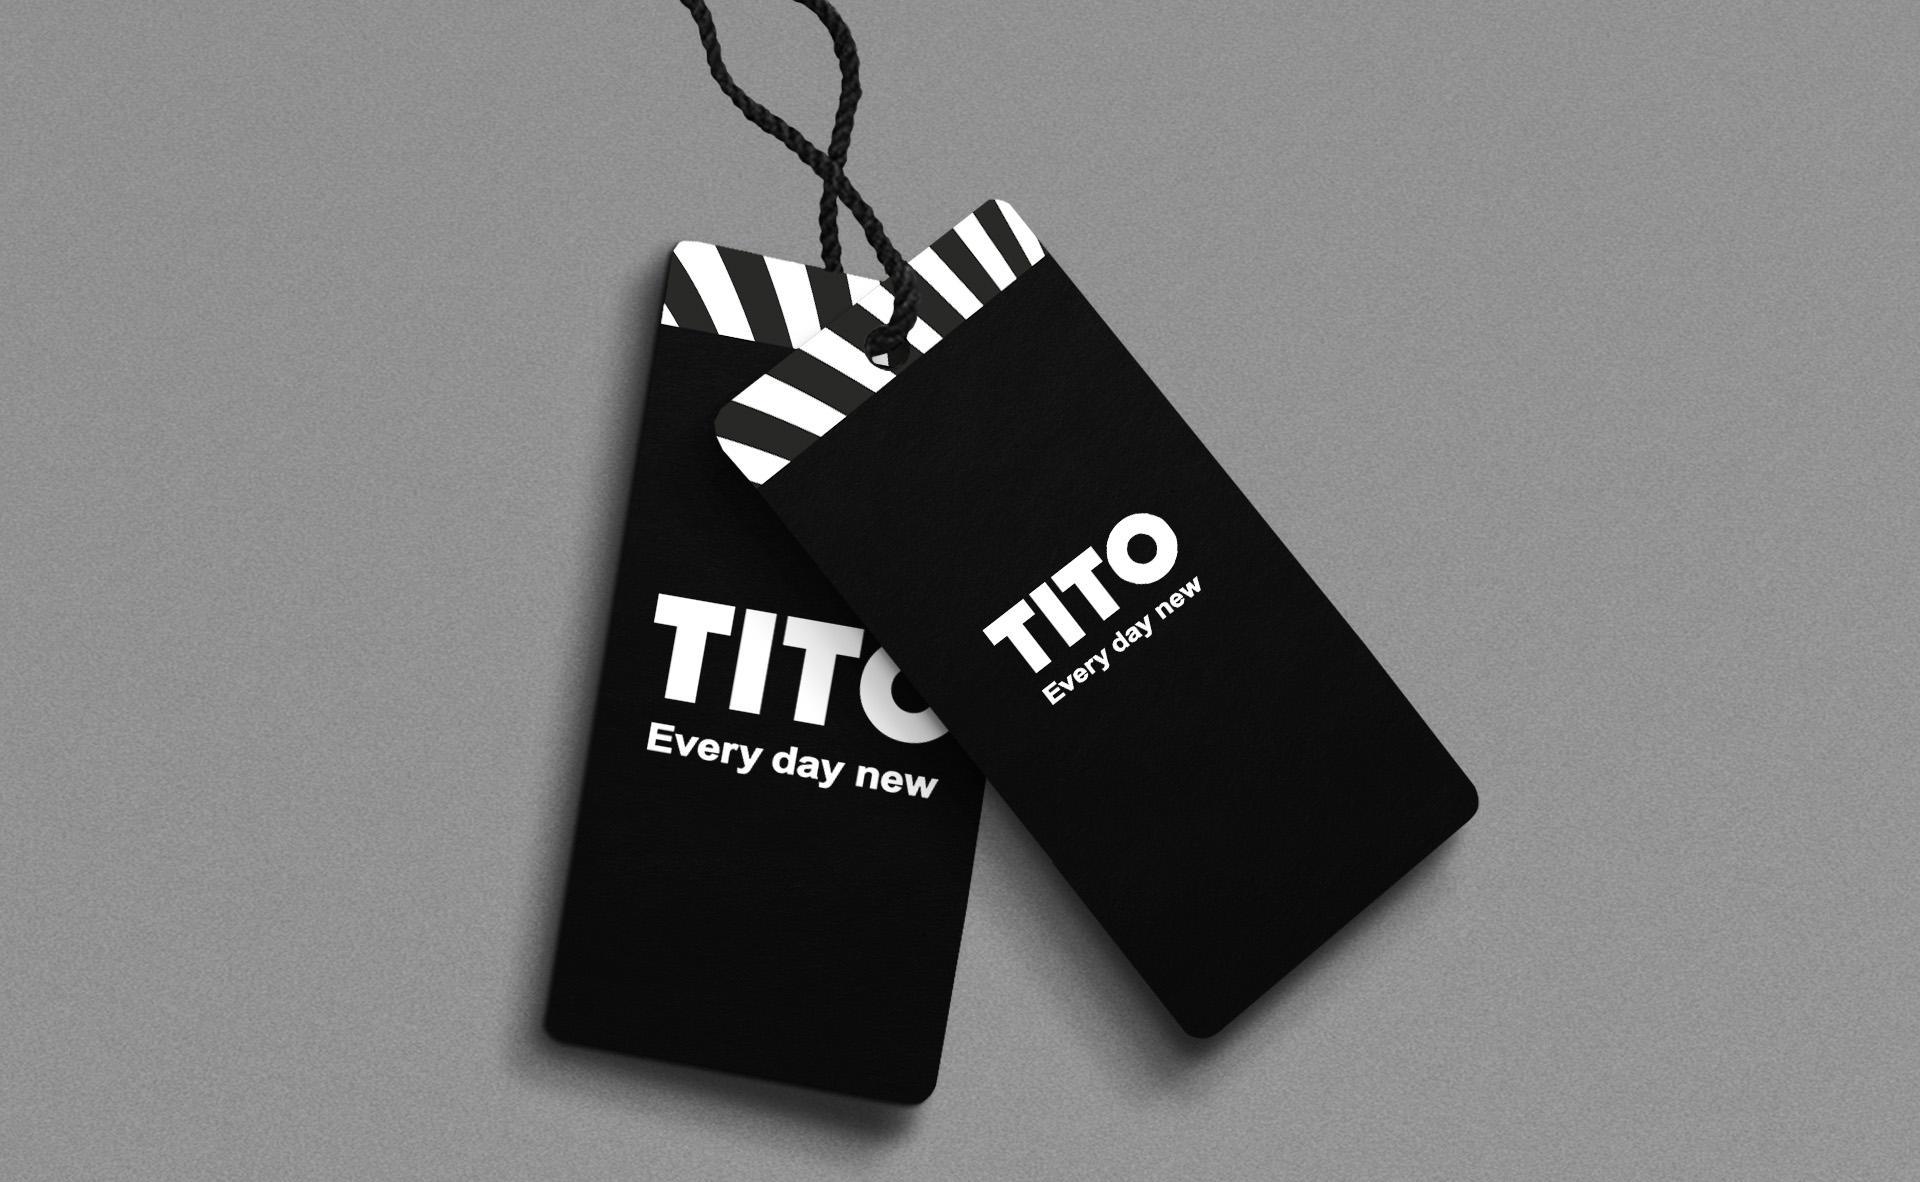 Дизайн этикетки для clothes, Clothing label design